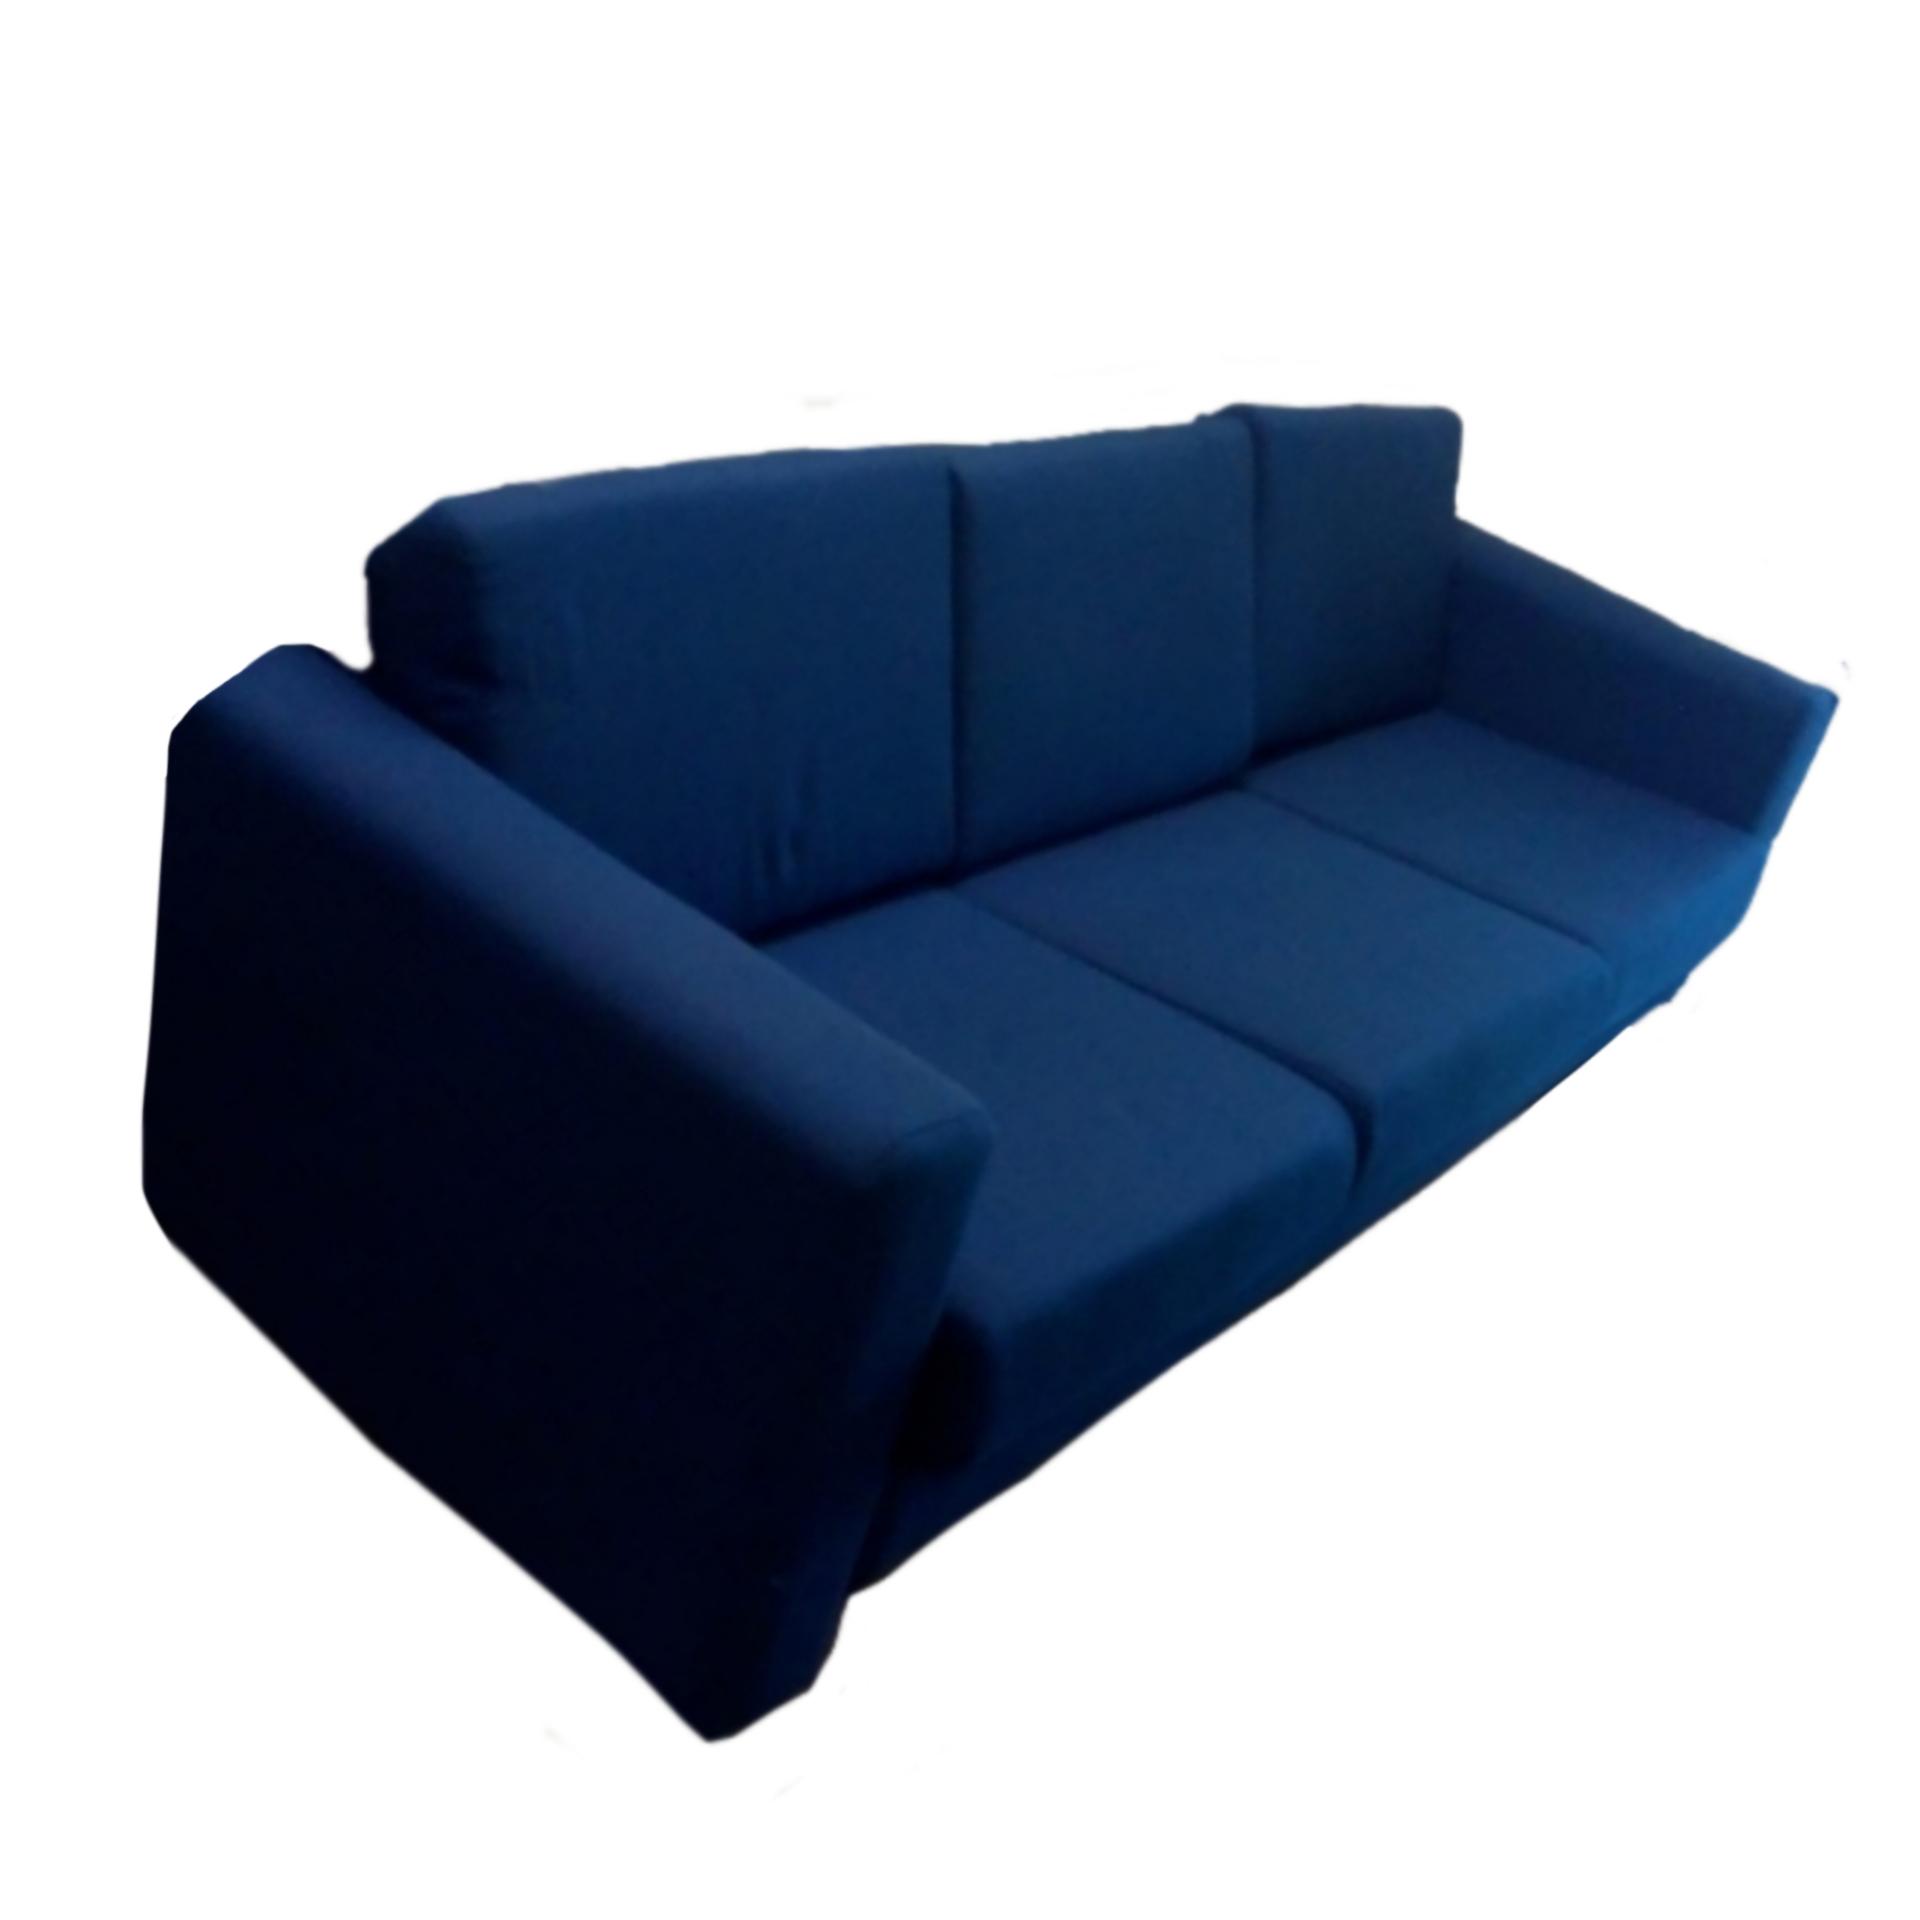 Sofá de tecido com 3 lugares